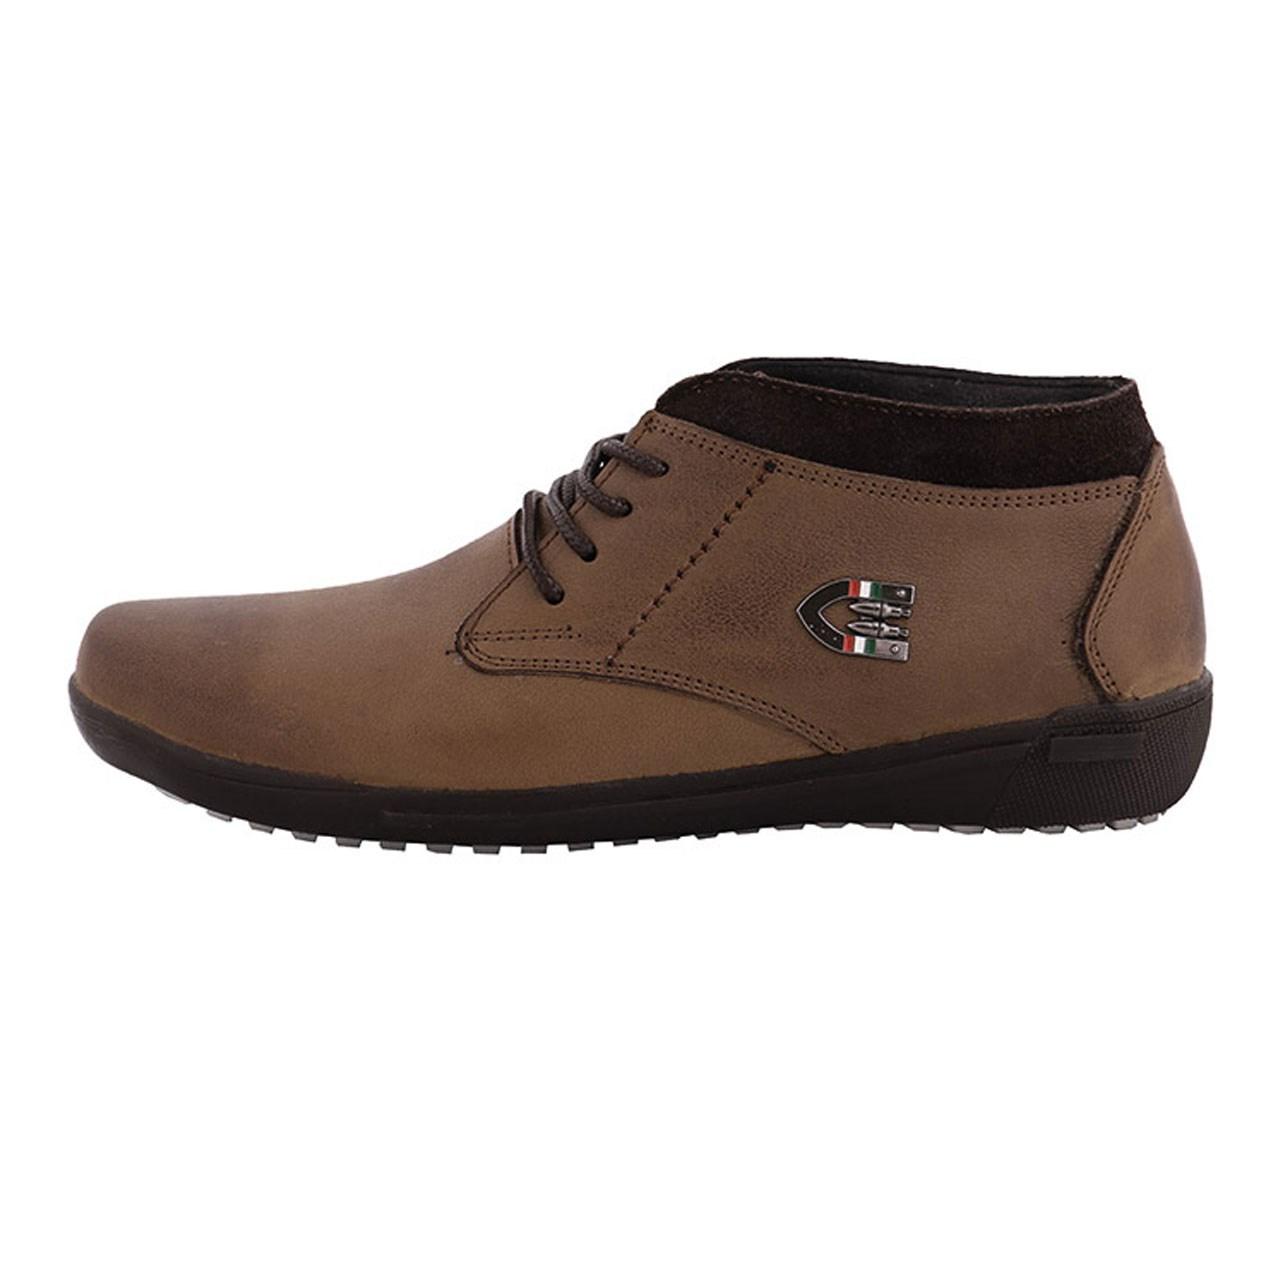 کفش مردانه کد 280000907